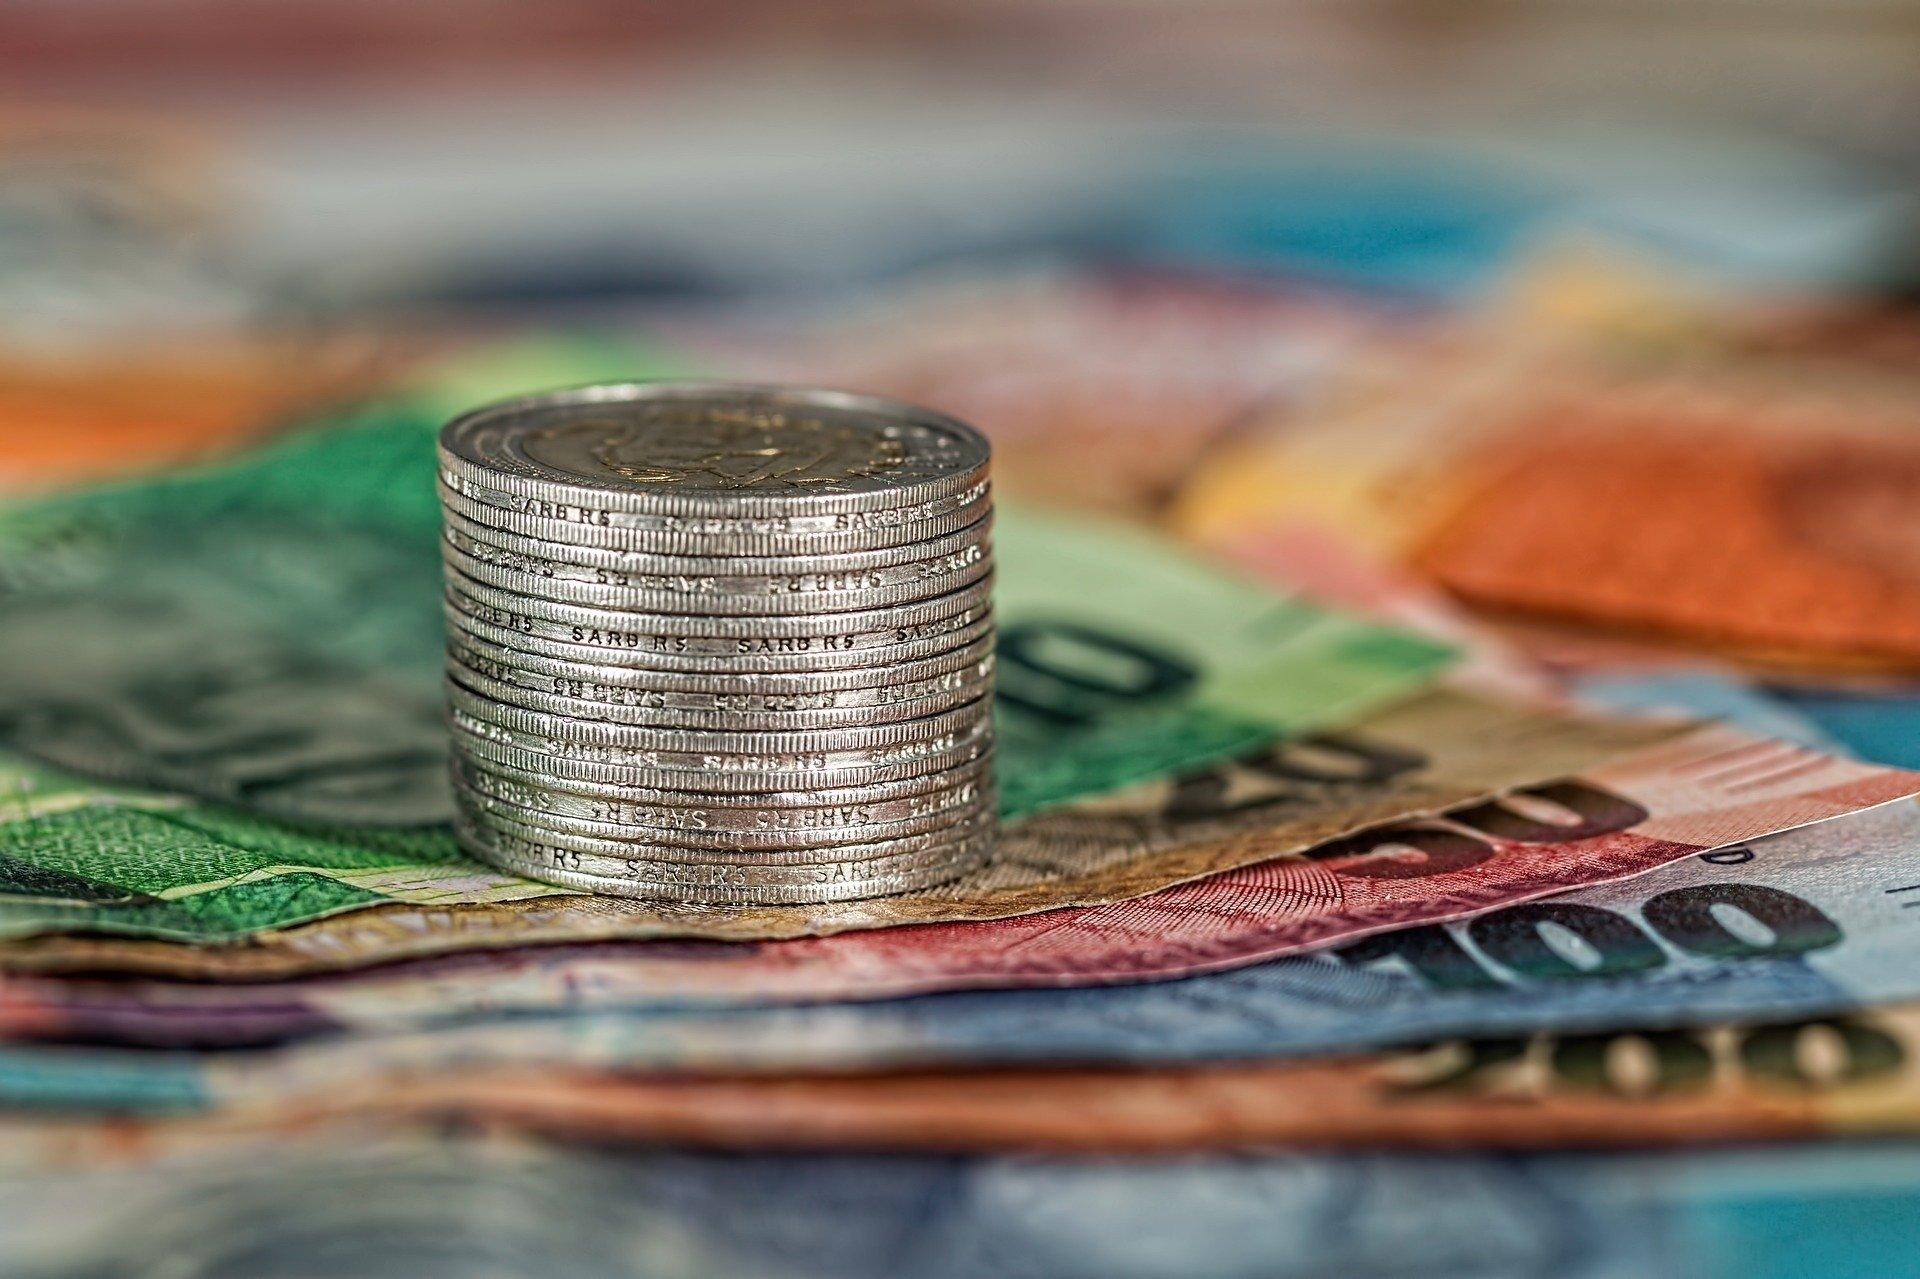 Экономика еврозоны находится в глубочайшей рецессии